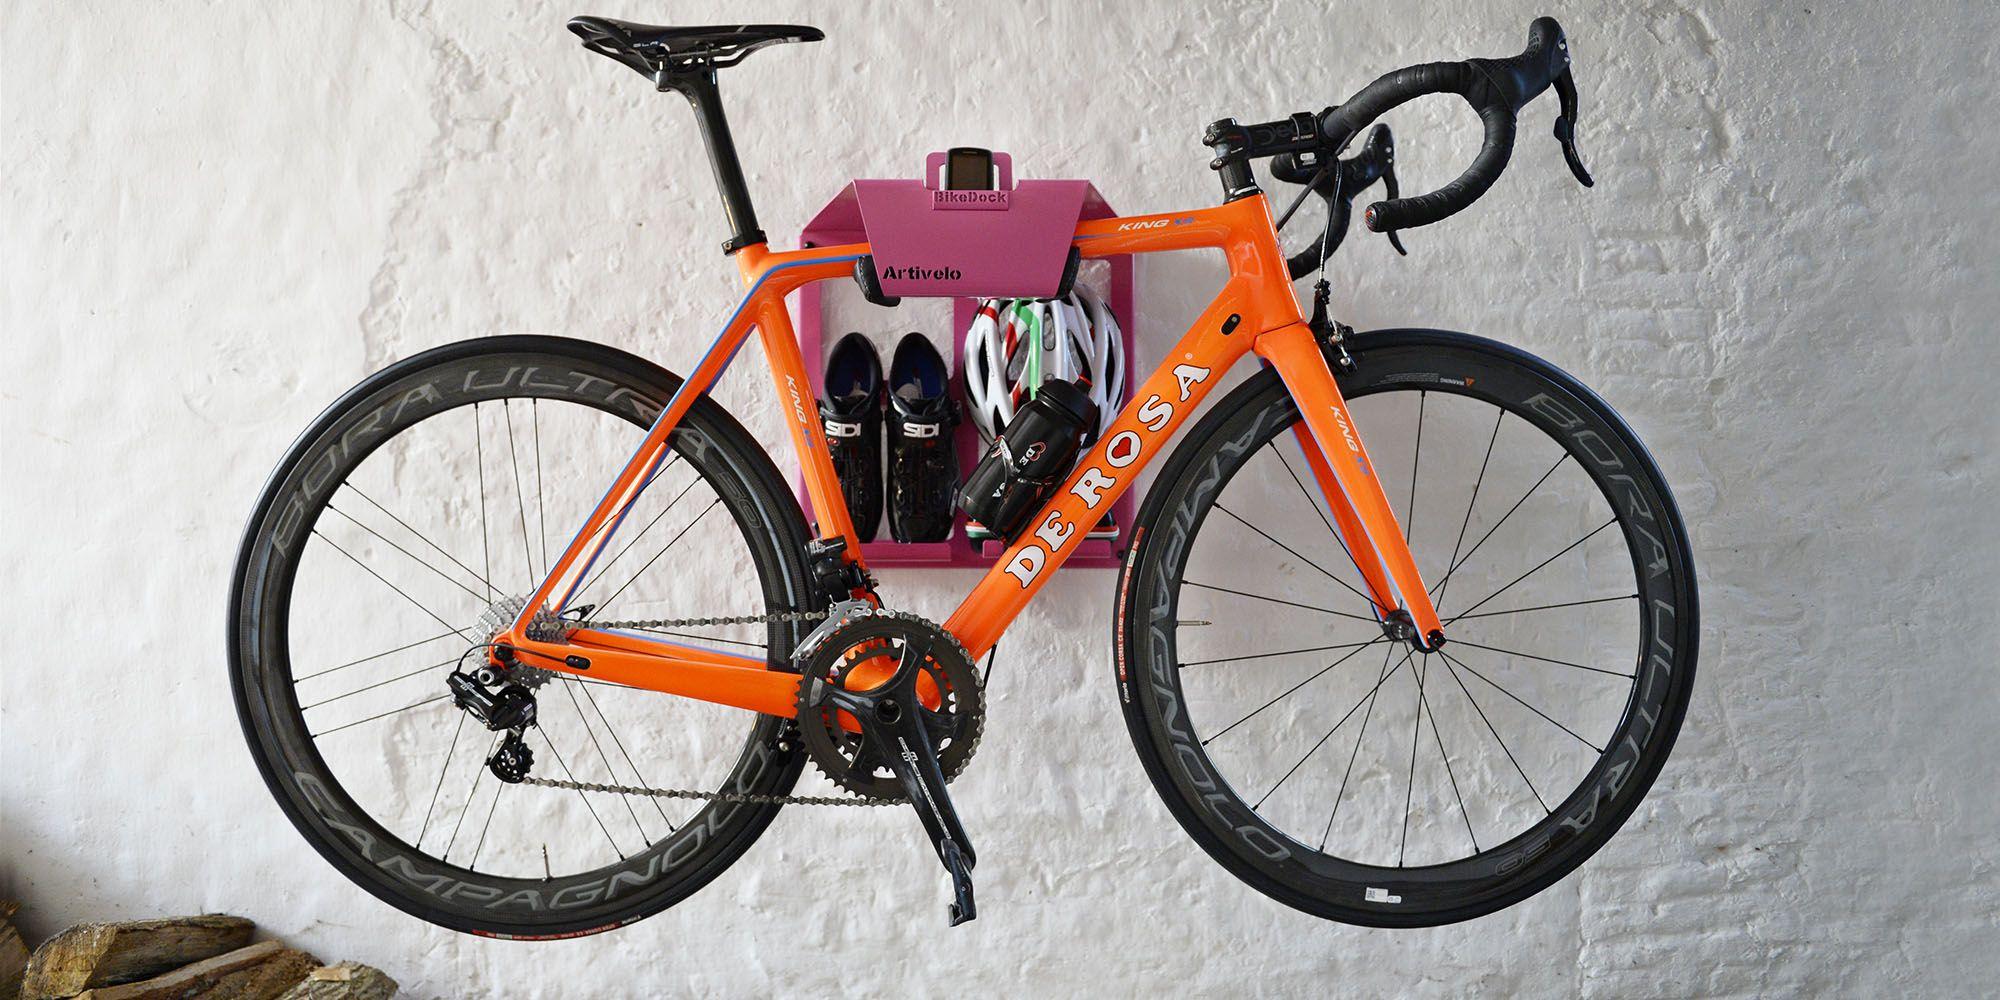 Artivelo Bikedock Rosa Looking Bike Wall Mount Bike Rack